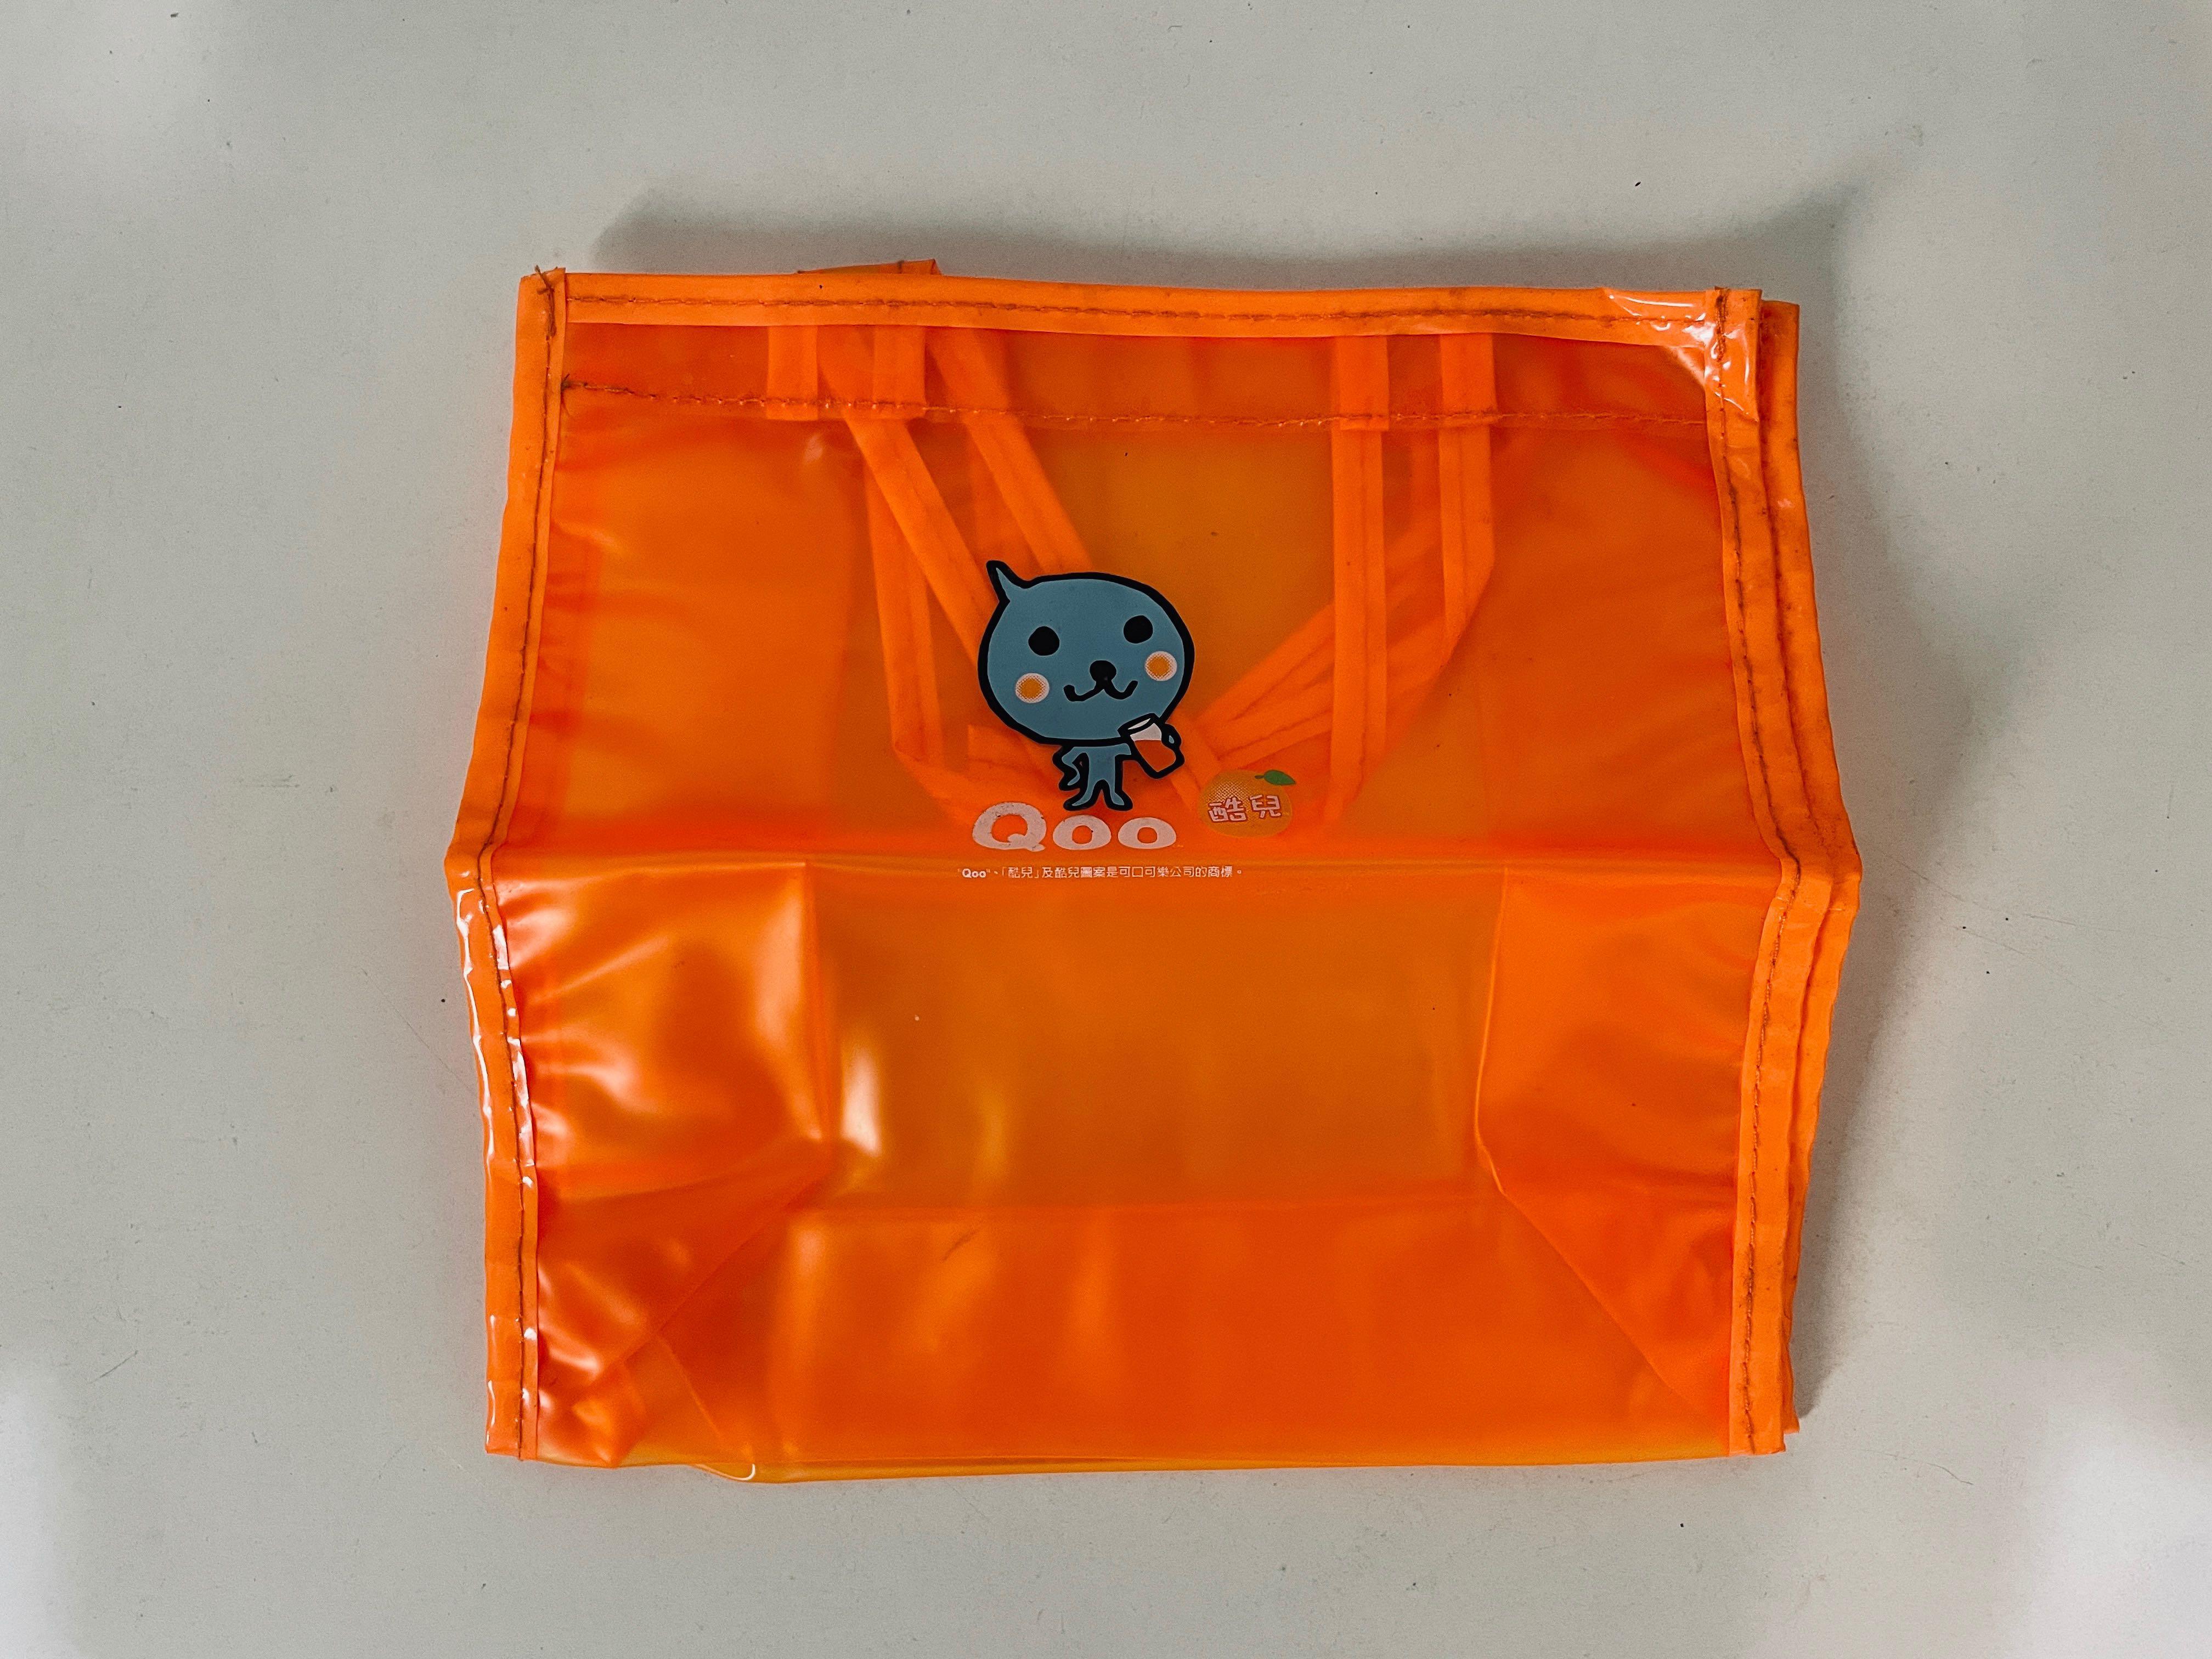 早期 Qoo 酷兒 提袋 購物袋 環保袋 老物 古董